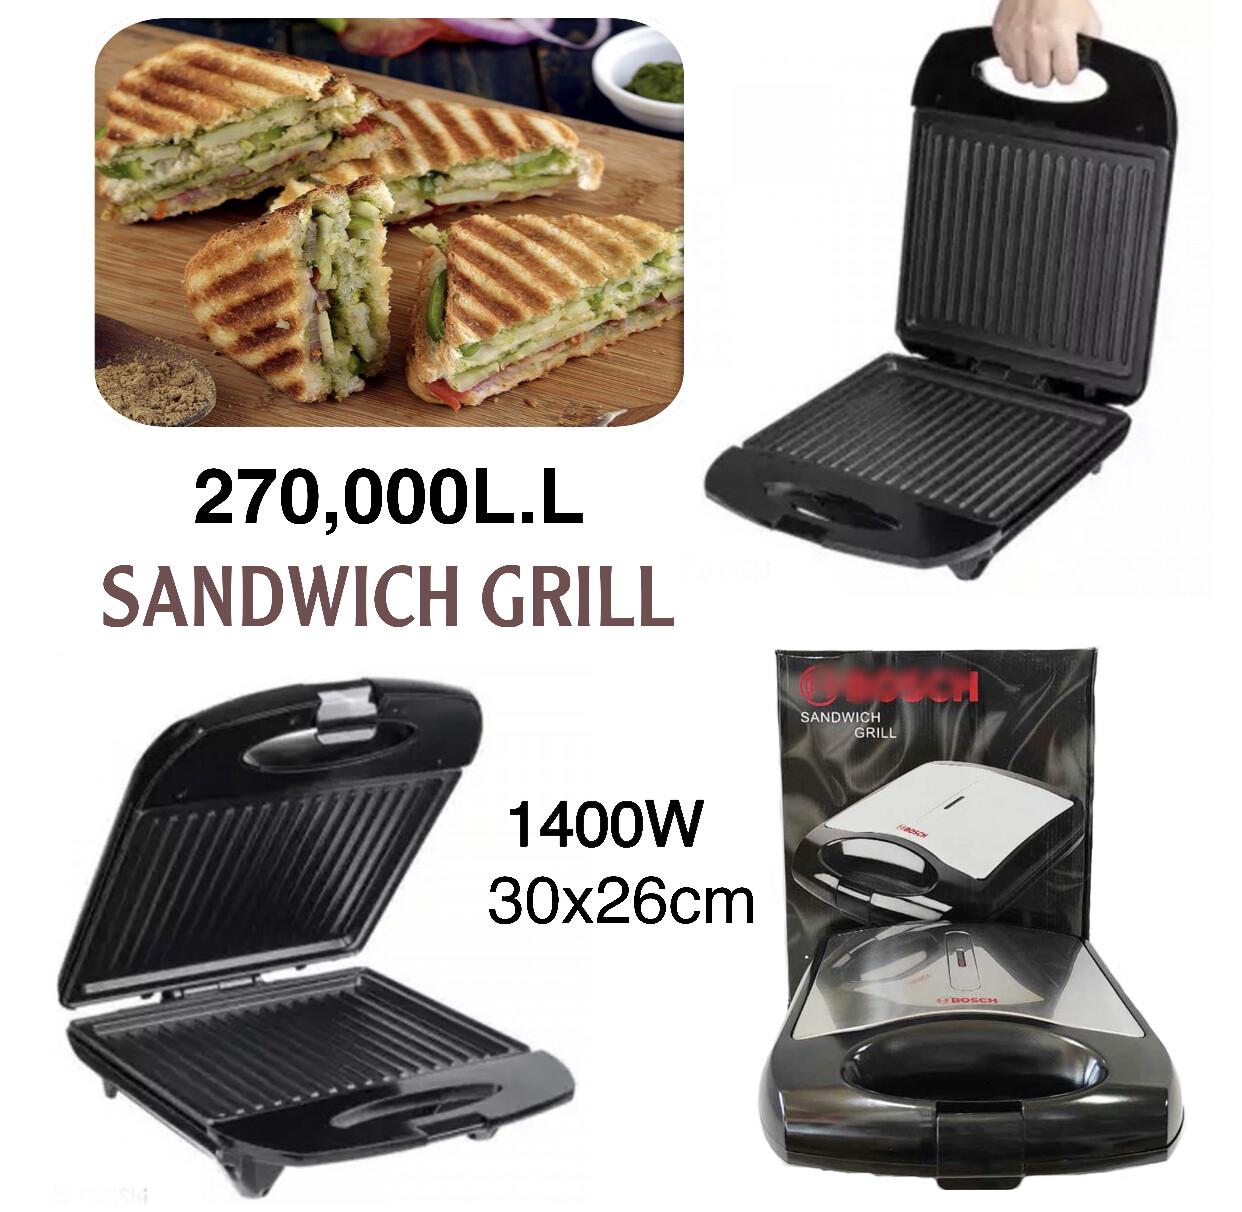 Sandwich Grill BO-811